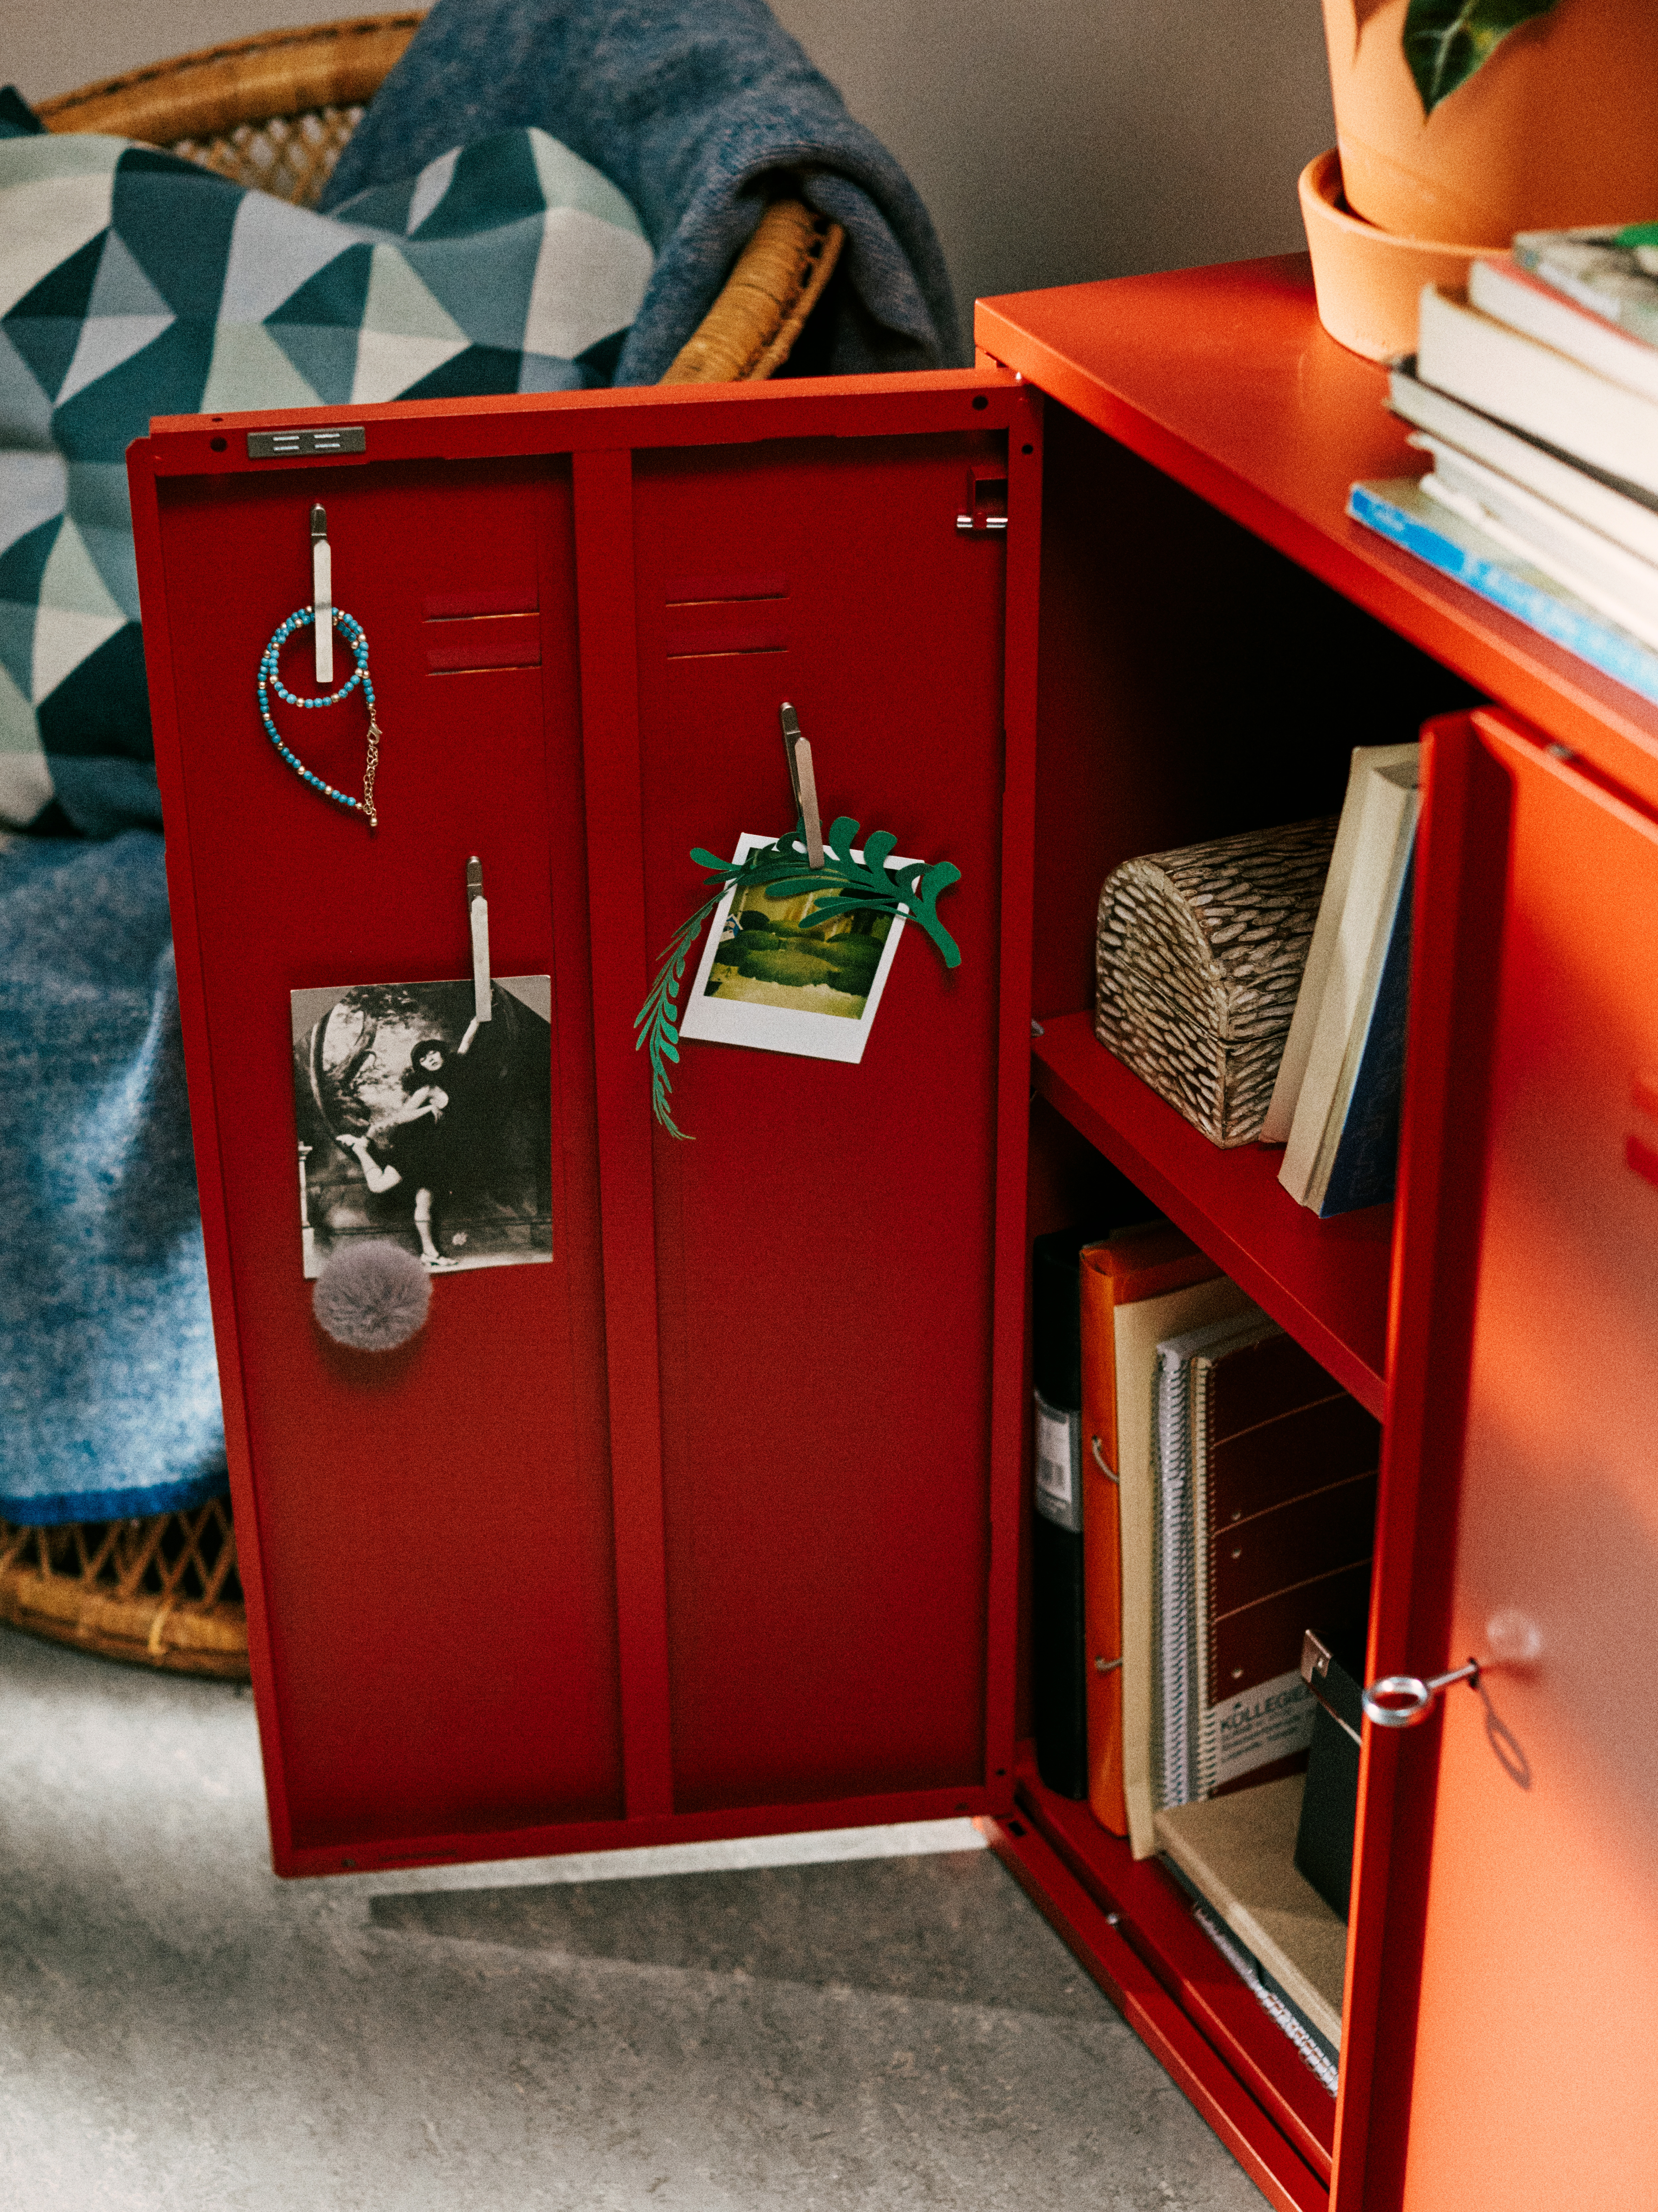 Un mobile IVAR in acciaio rivestito rosso con ante si trova nella camera da letto di uno studente. Un'anta è aperta e ha delle foto attaccate con magneti.